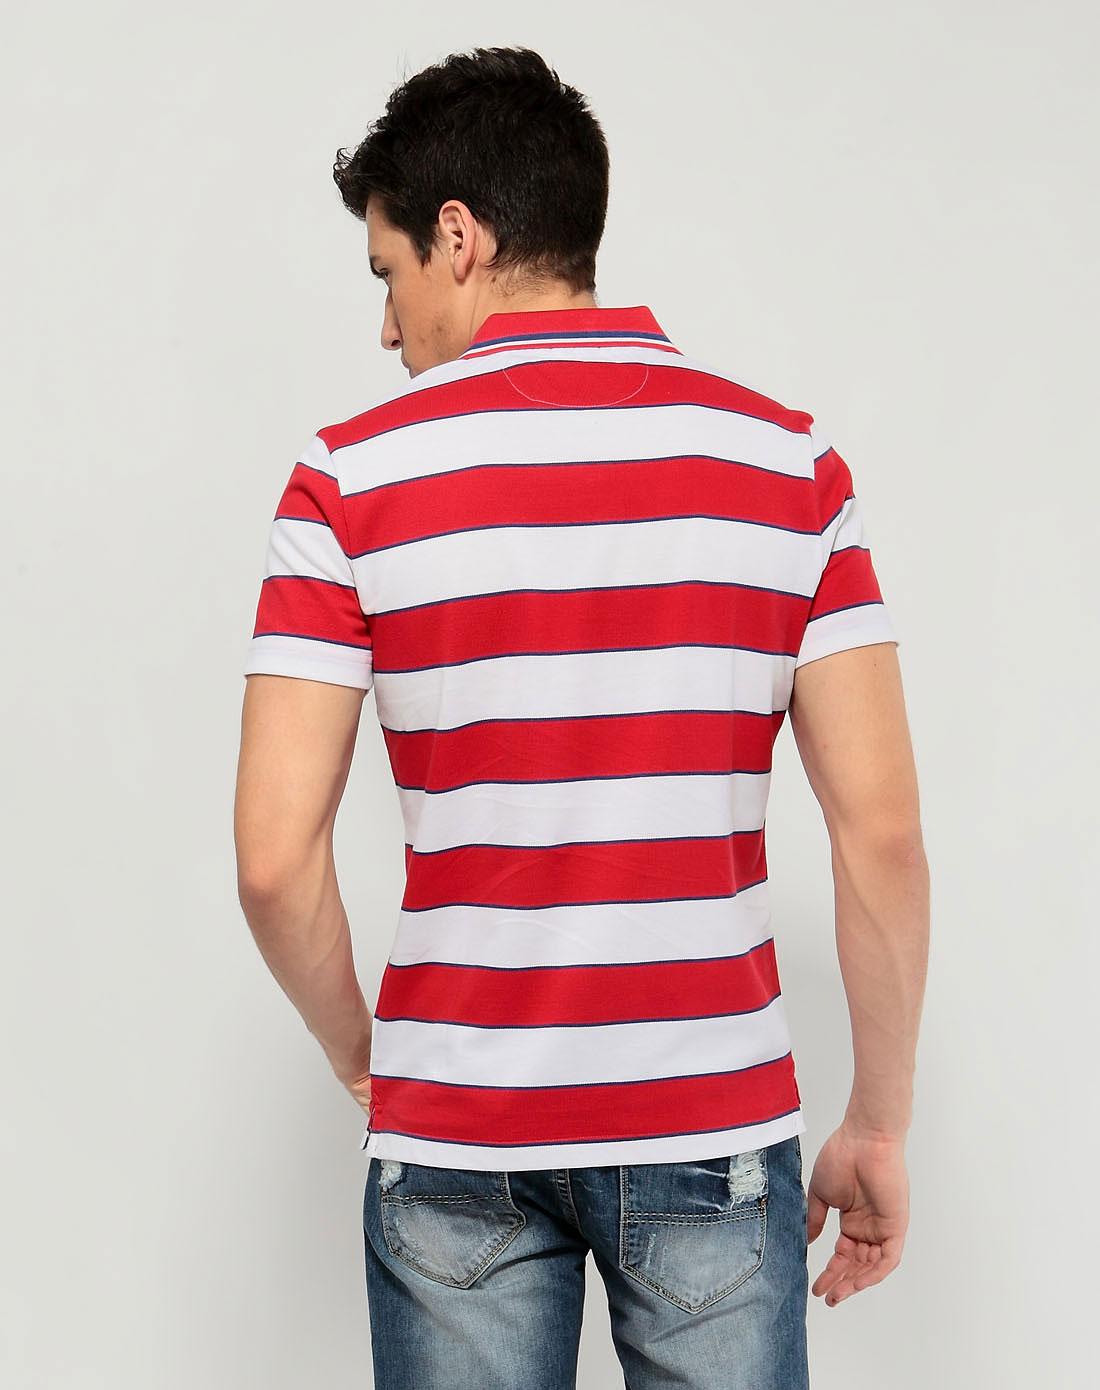 阿科登agcatton大红色条纹绣花短袖翻领t恤